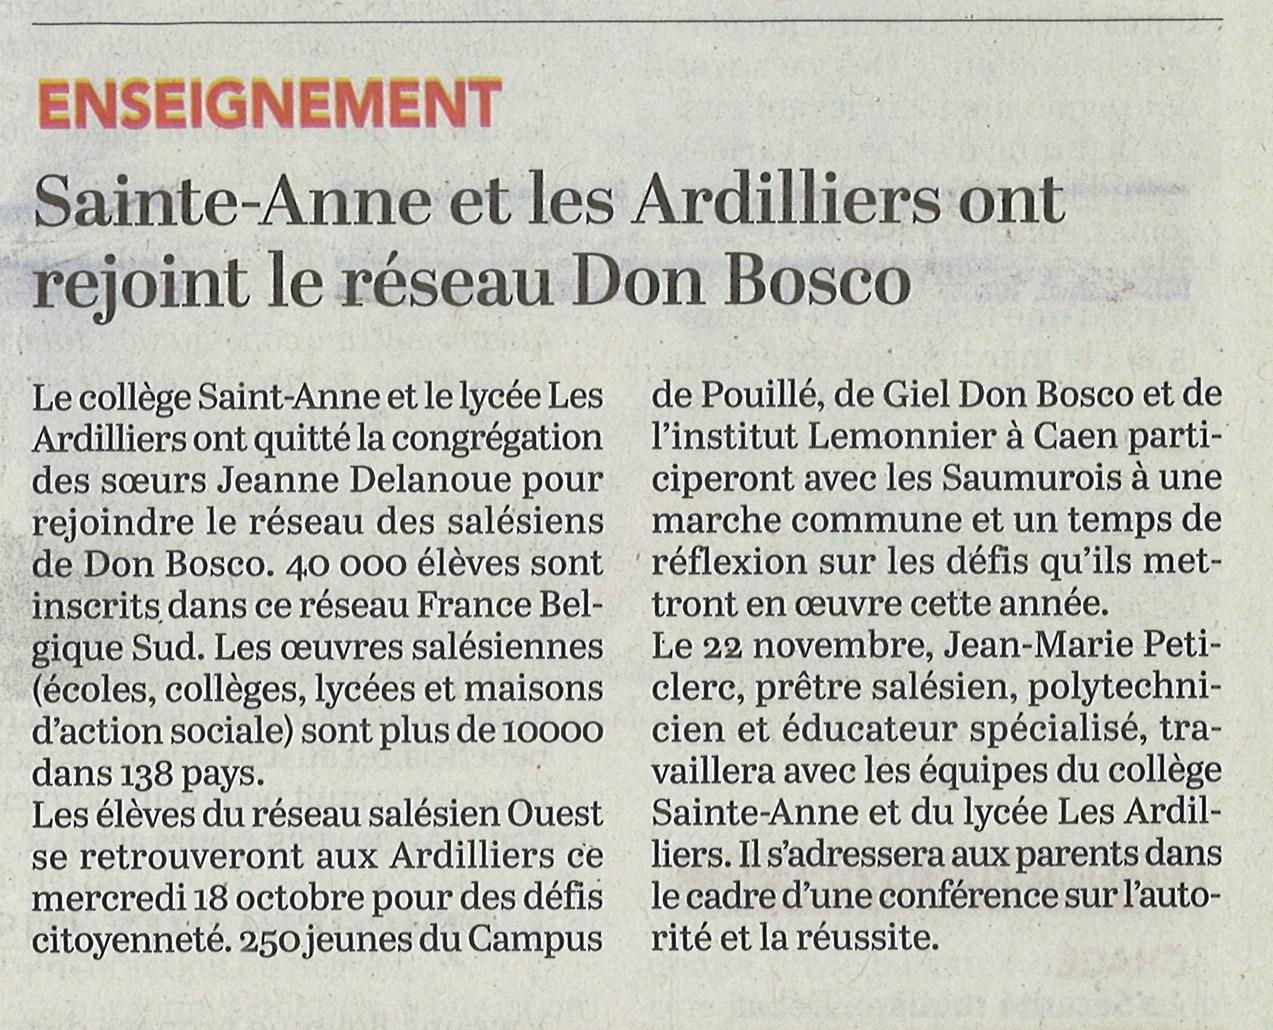 Les Ardilliers ont rejoint le réseau Don Bosco